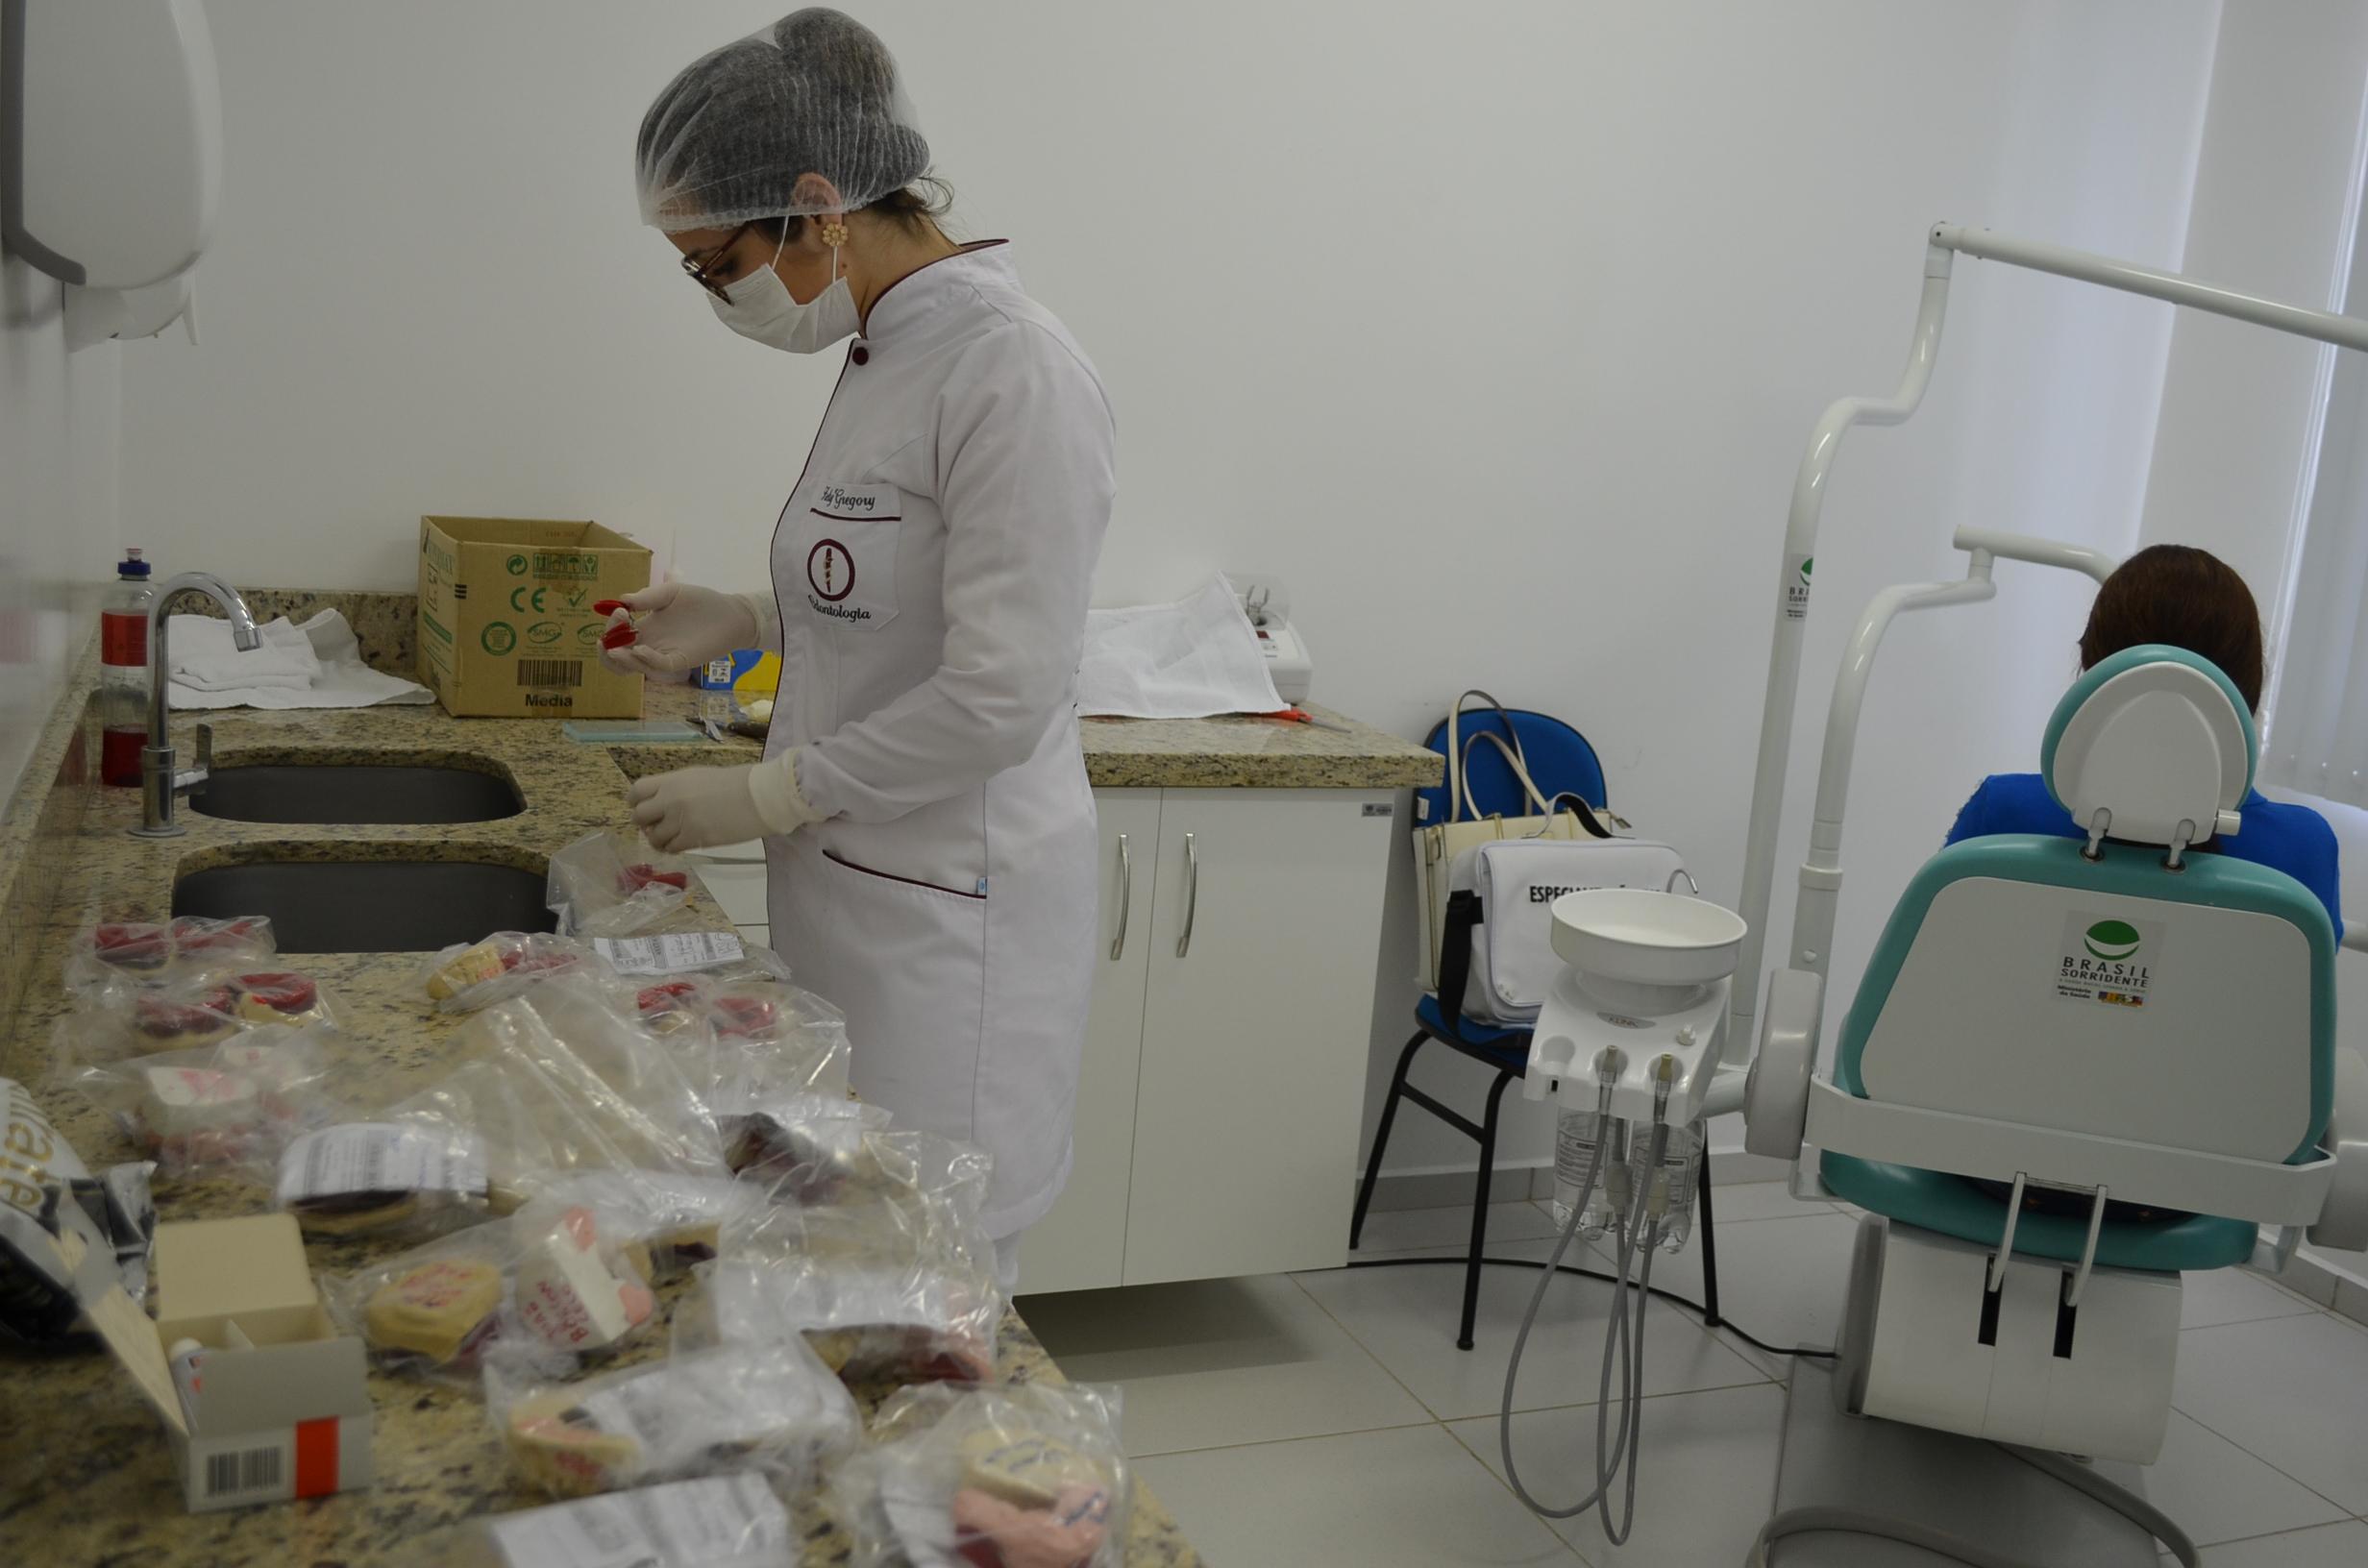 Programa de próteses dentárias é retomado no município